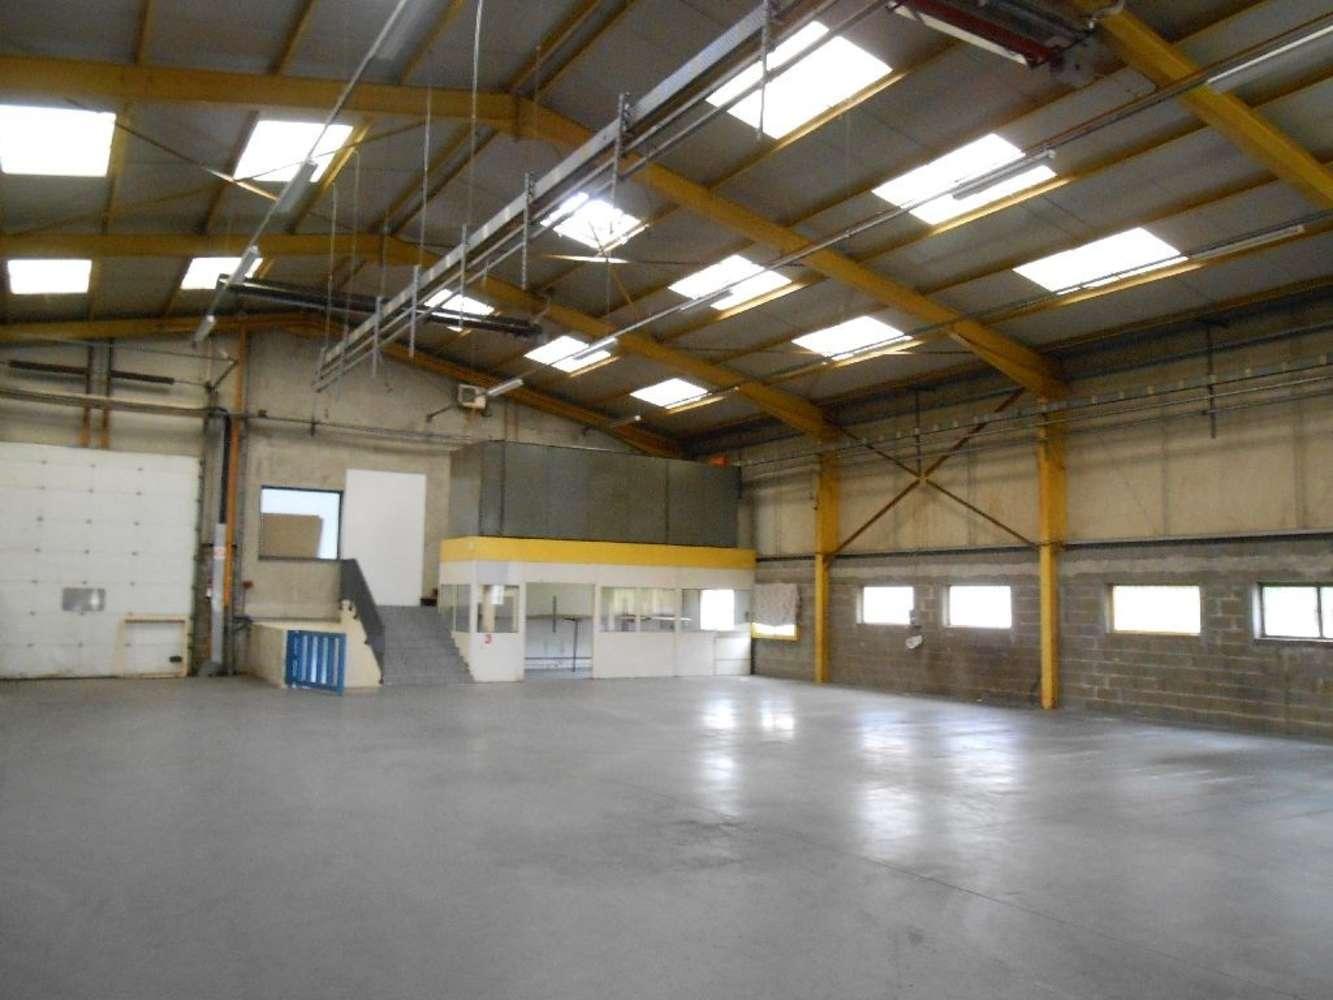 Activités/entrepôt Chassieu, 69680 - Entrepot à louer - Chassieu - Est Lyon - 9932875